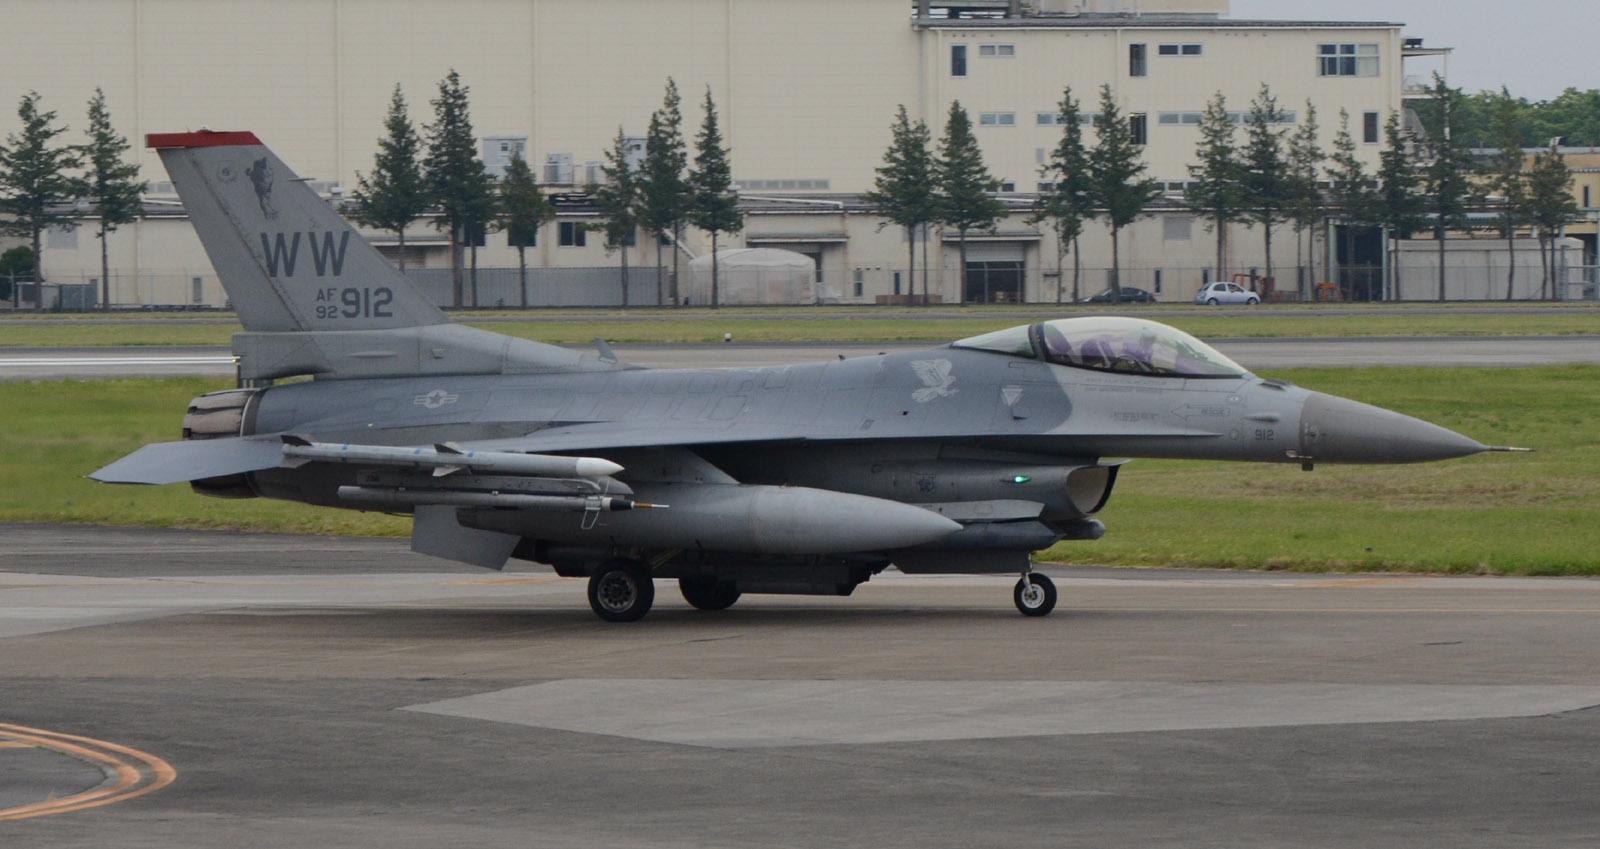 F16cm140515g031